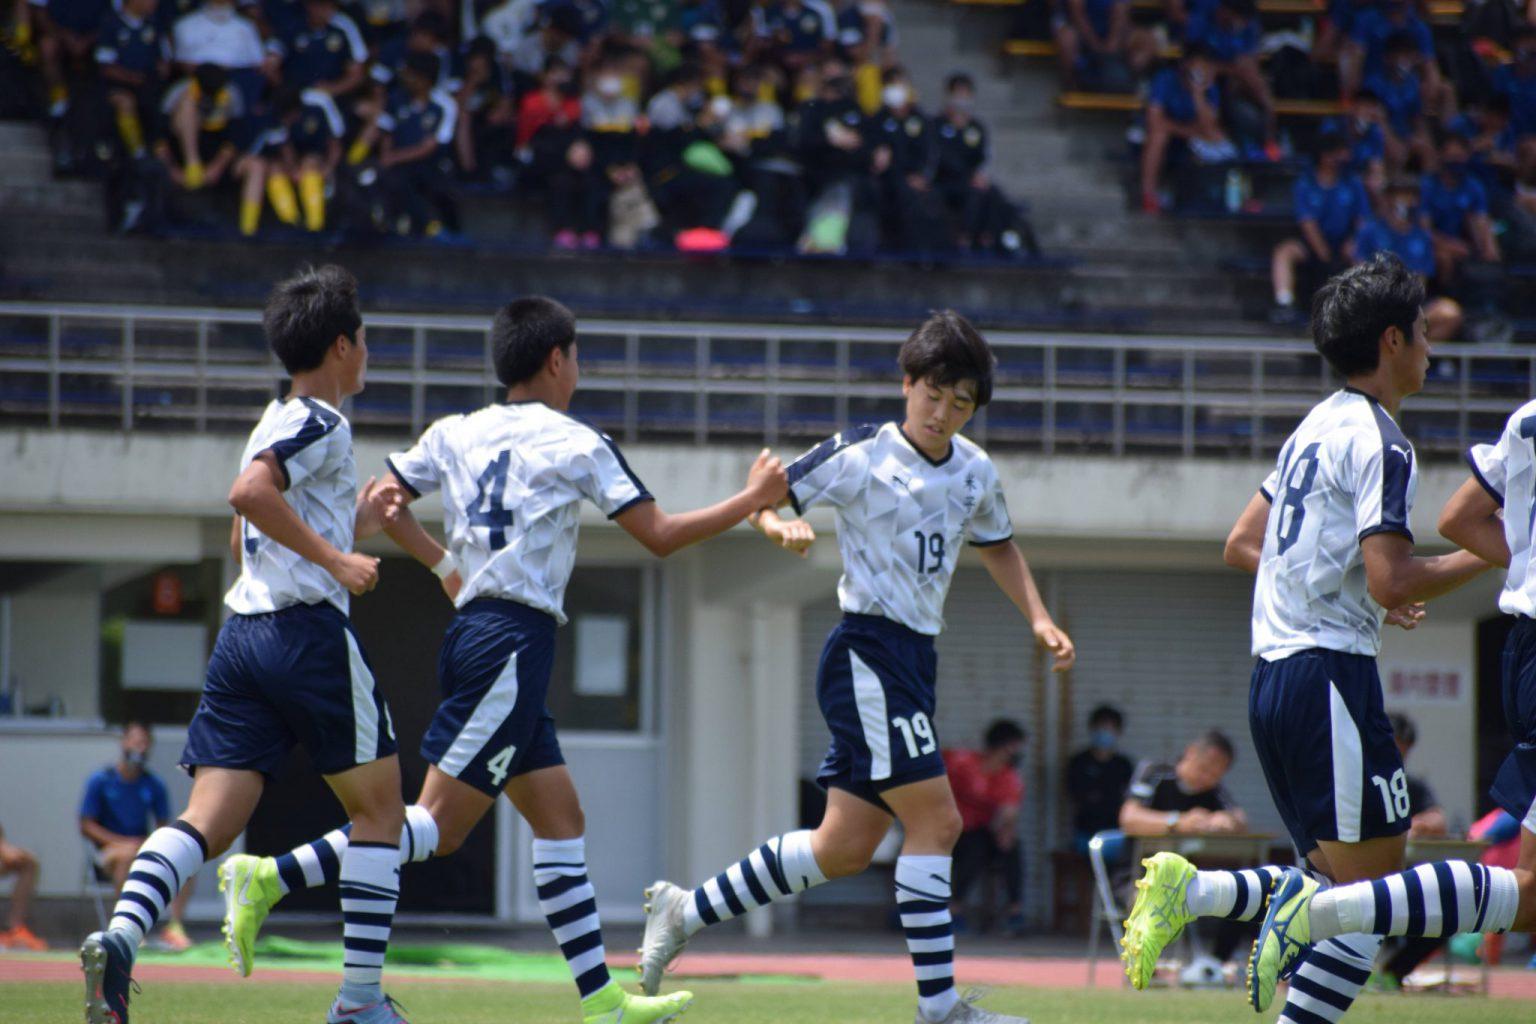 サッカー:県高校総体 準決勝 6/5 倉吉総産戦